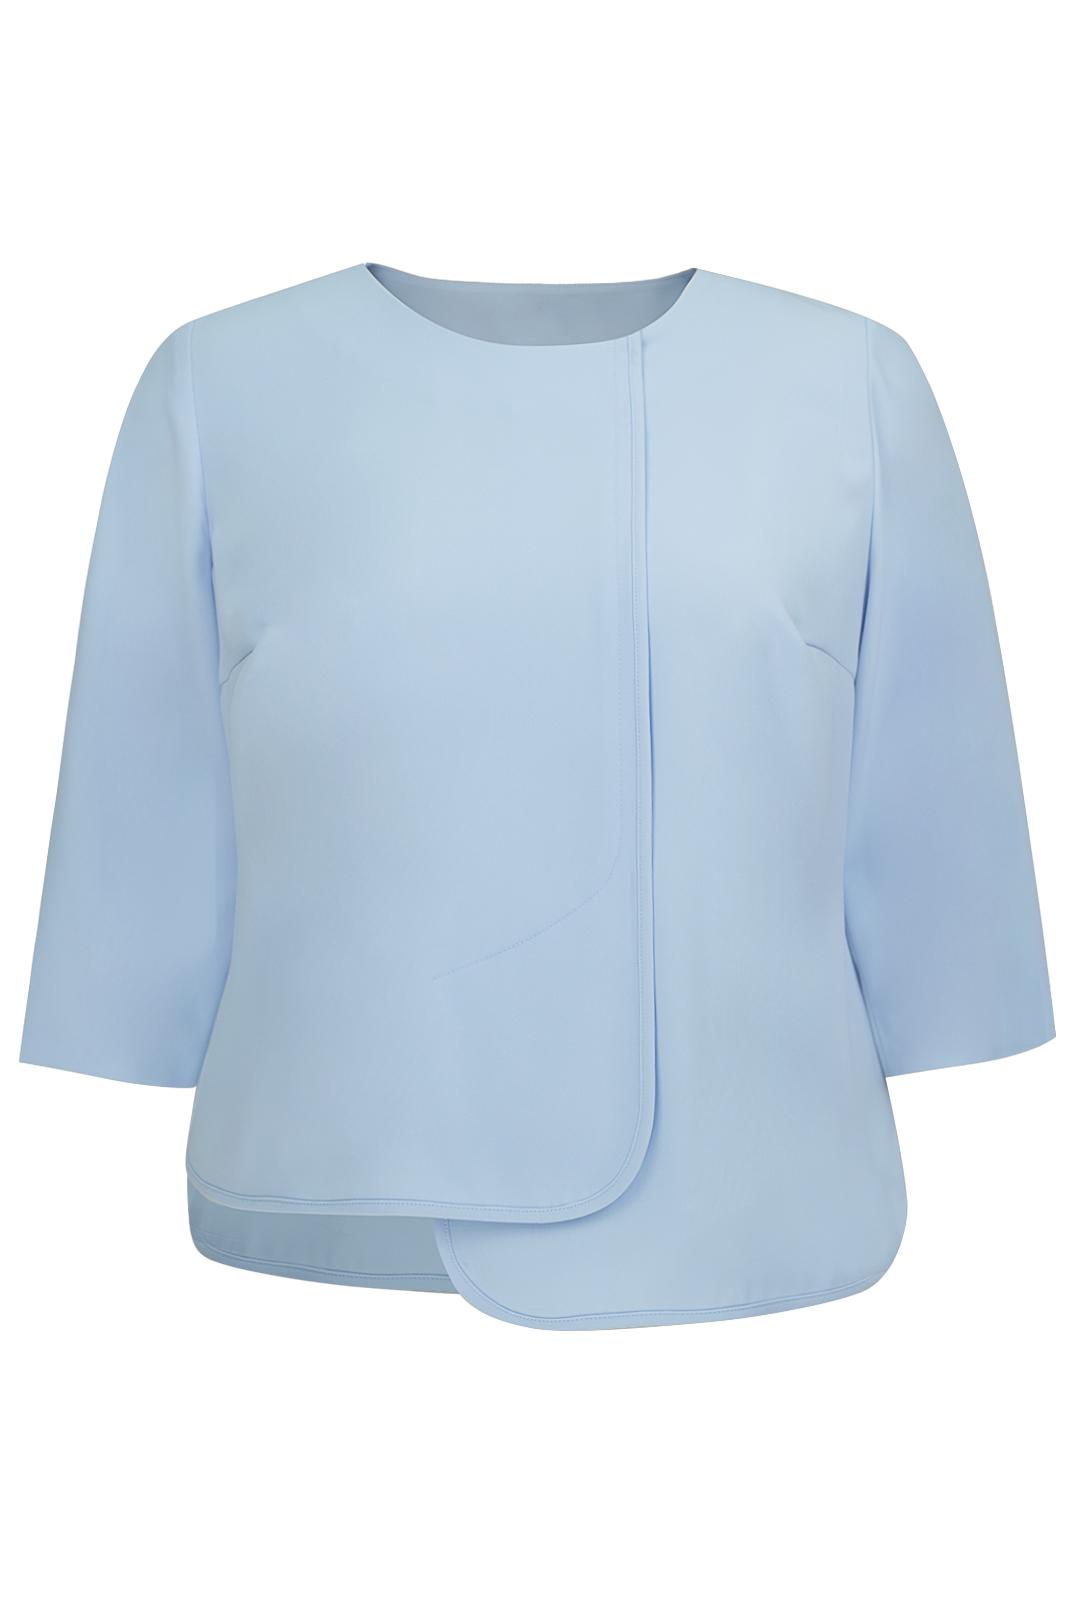 Заказать Блузку Женскую Через Интернет Магазин